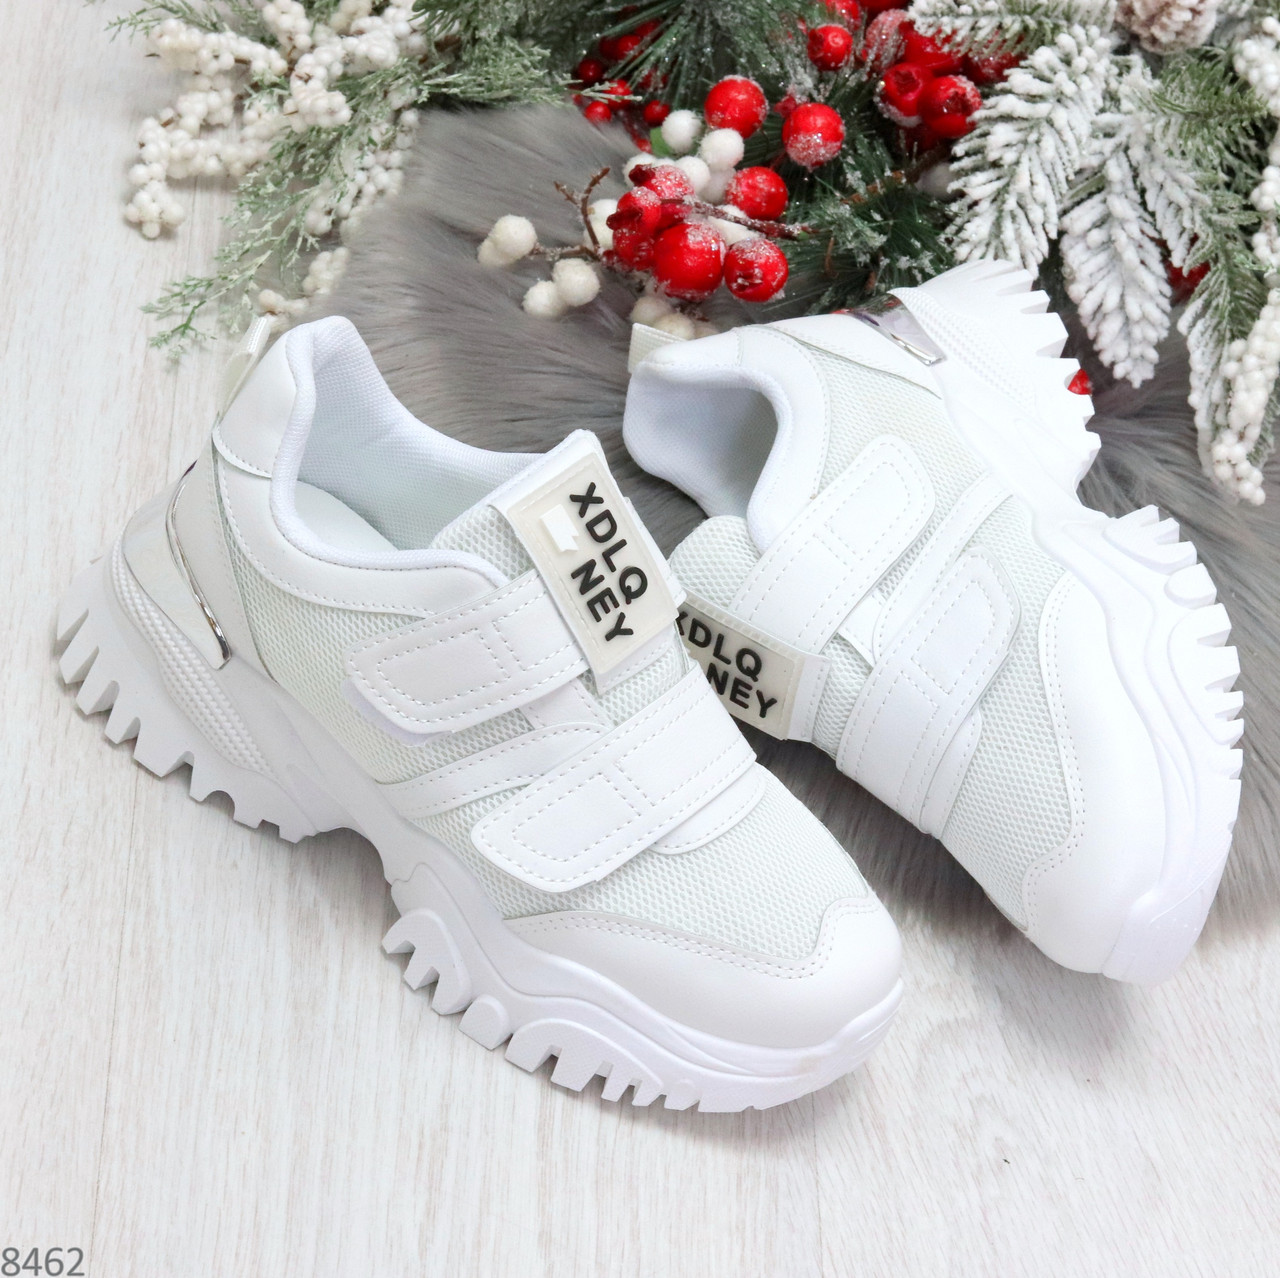 Трендовые текстильные миксовые белые женские кроссовки на липучках